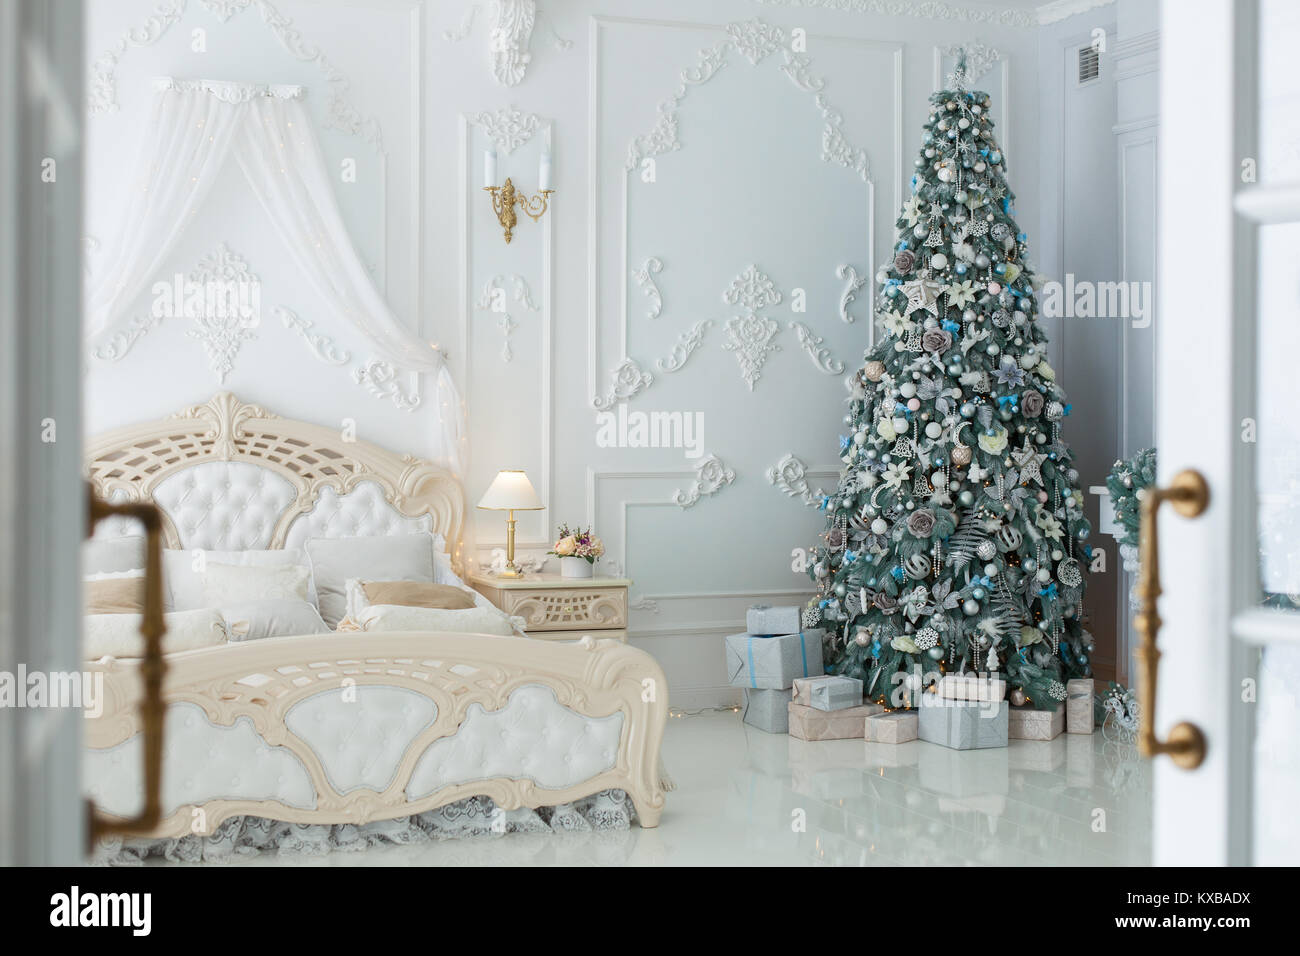 Camera Matrimoniale In Regalo.Albero Di Natale E Regali In Camera Da Letto In Stile Rococo Foto